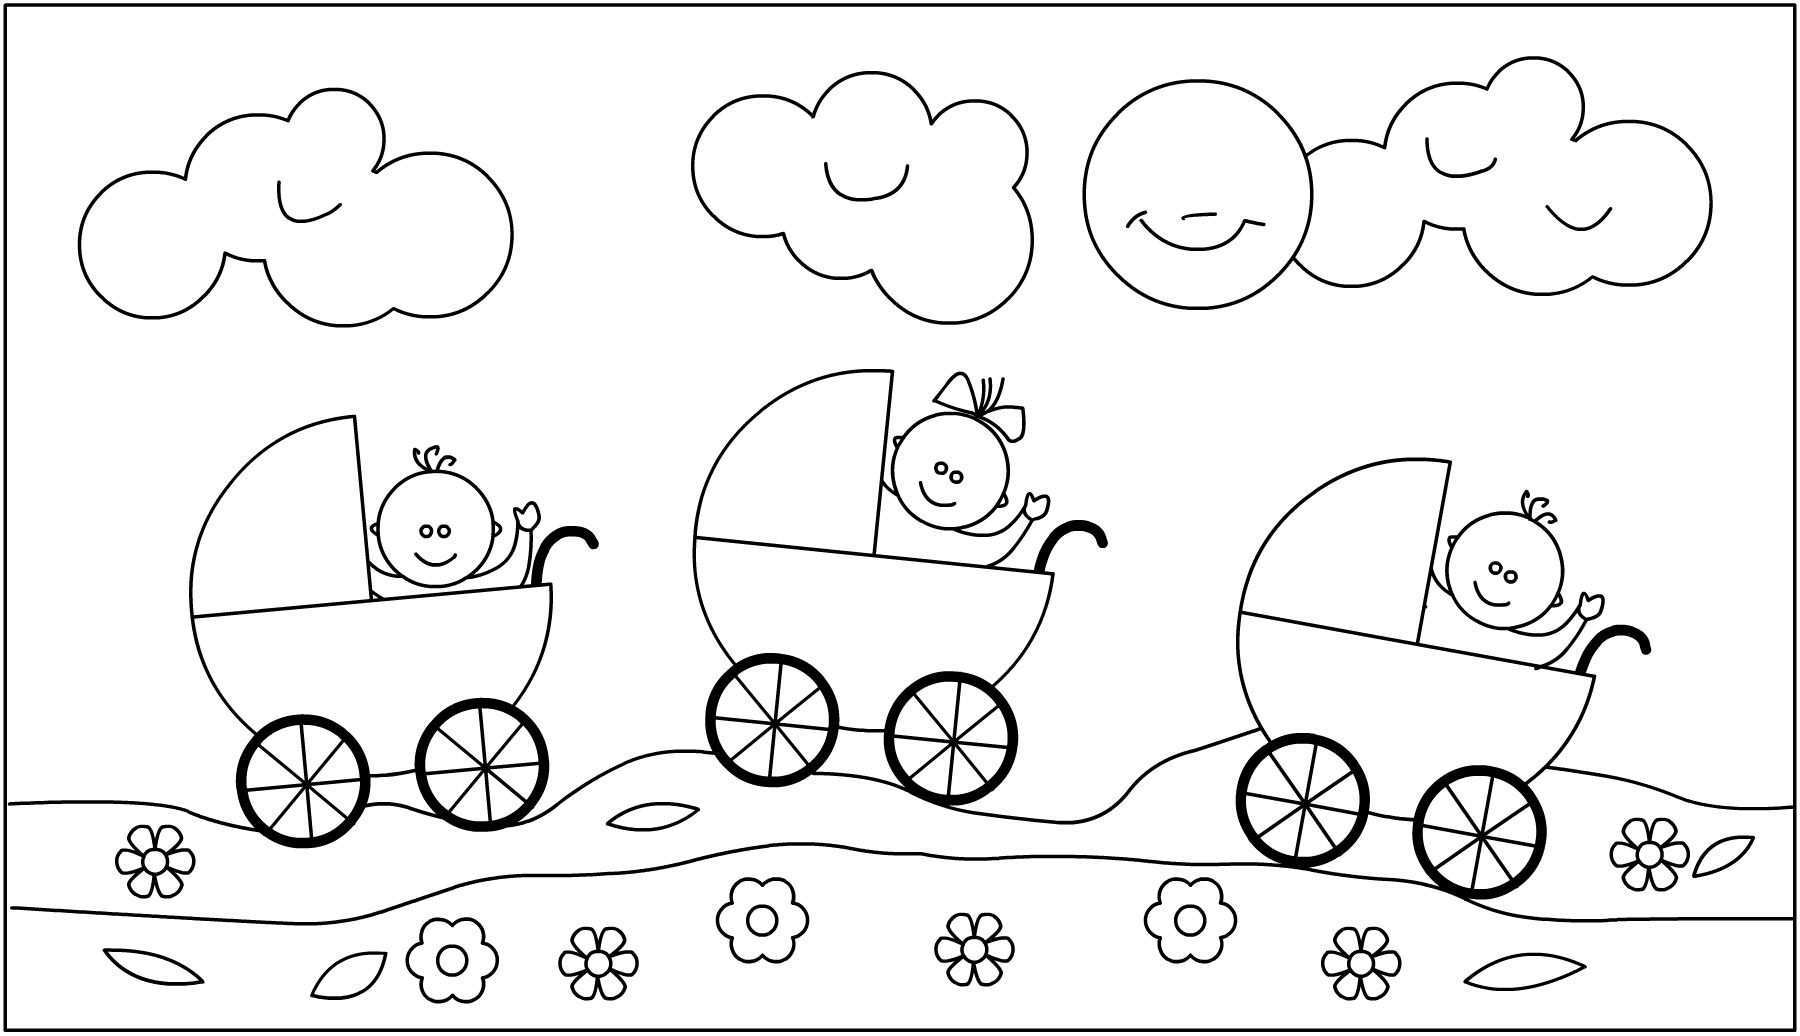 Pin Van Bettajootje Op Thema Baby Kleuters Baby Theme Preschool Knutselen Thema Baby Quilt Baby Babykaarten